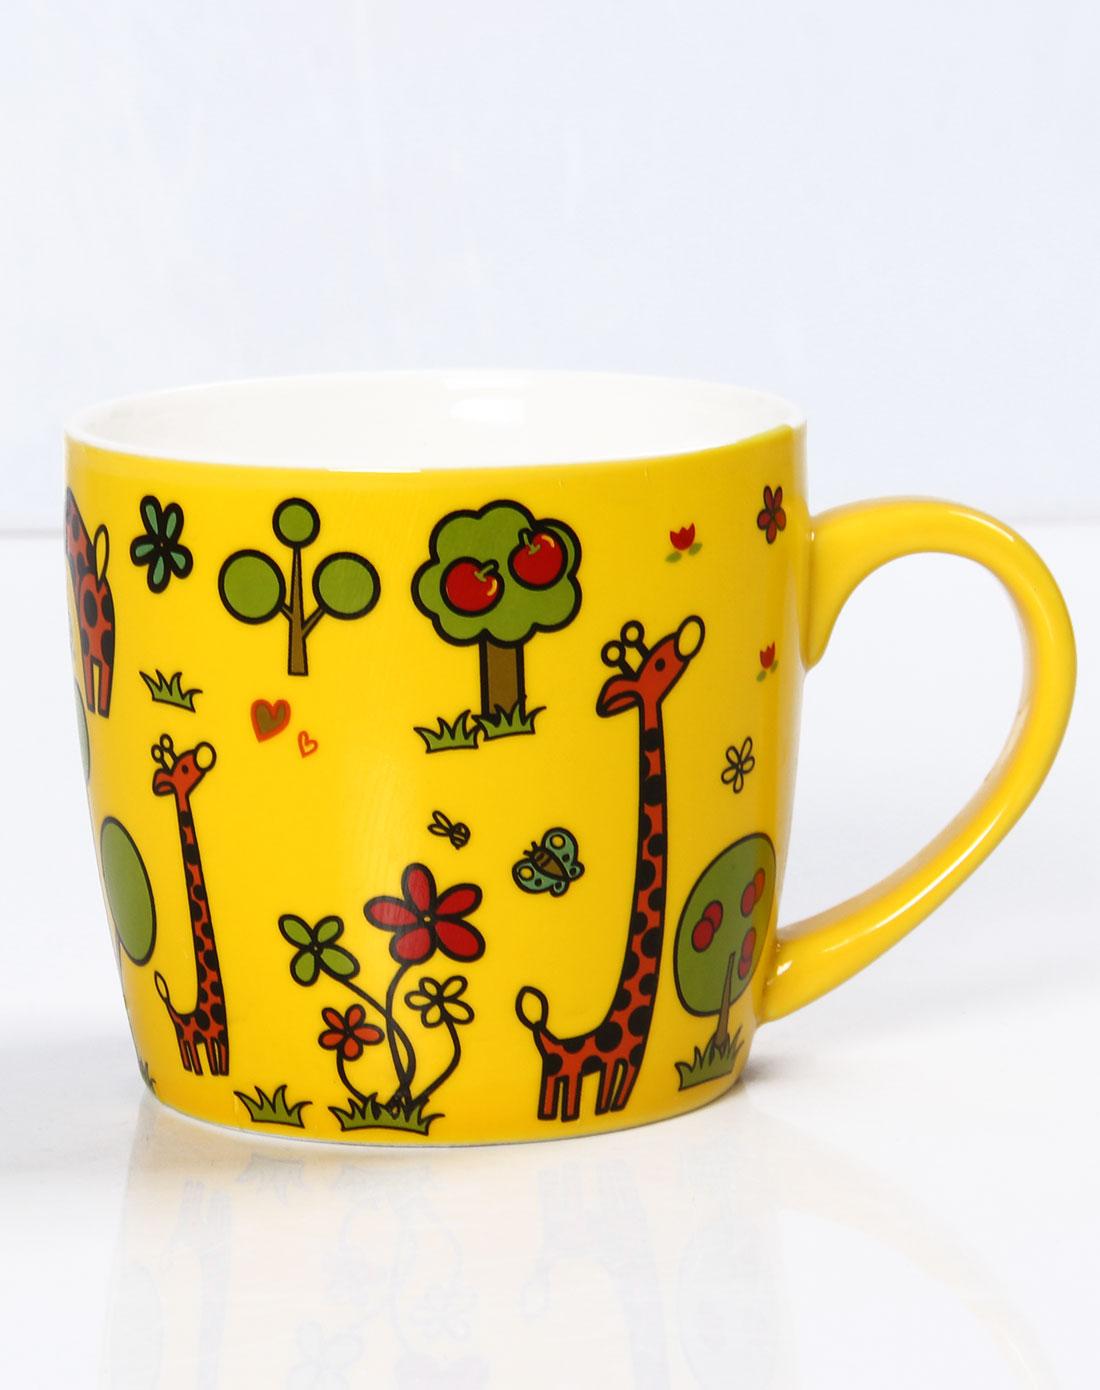 创意碗盘杯子陶瓷套装儿童整套餐具套装黄色长颈鹿3件套